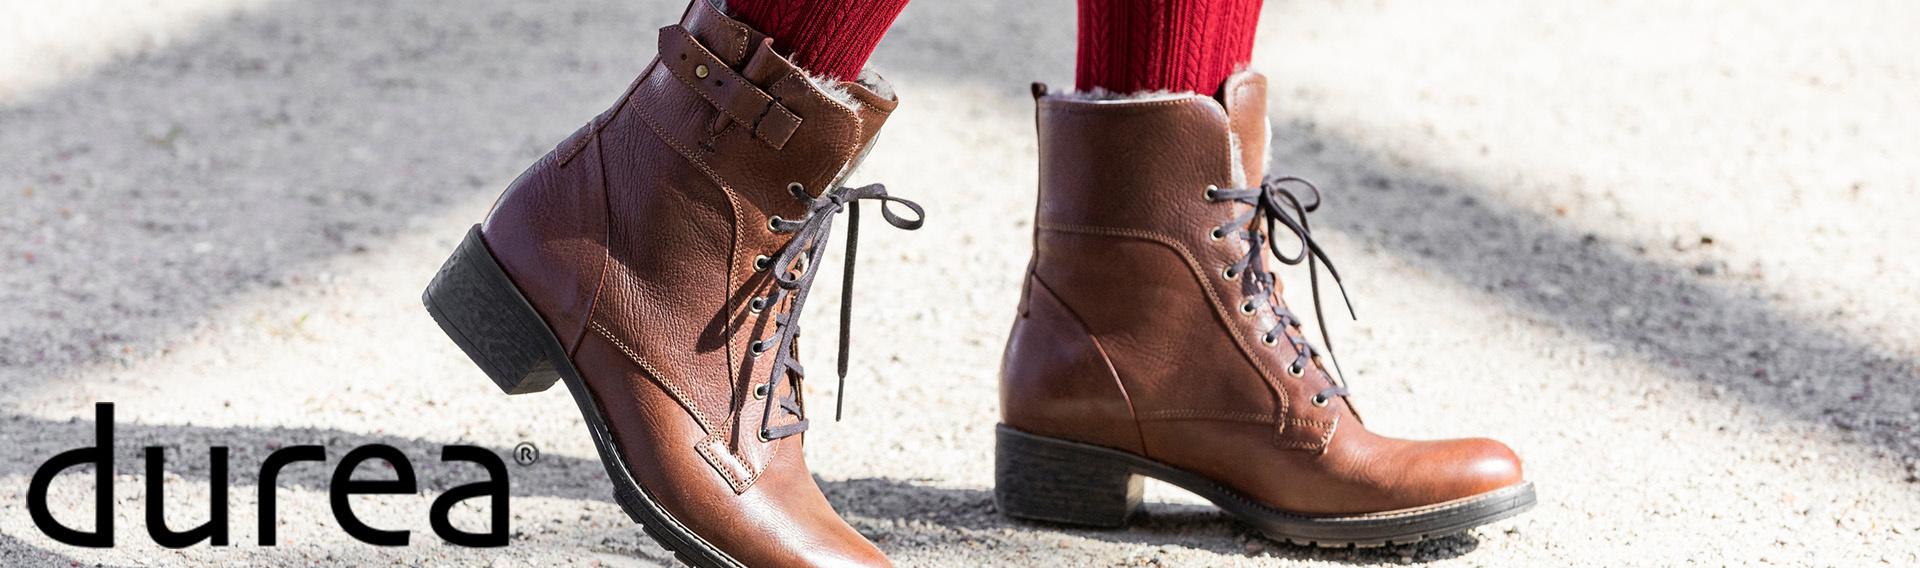 Durea schoenen